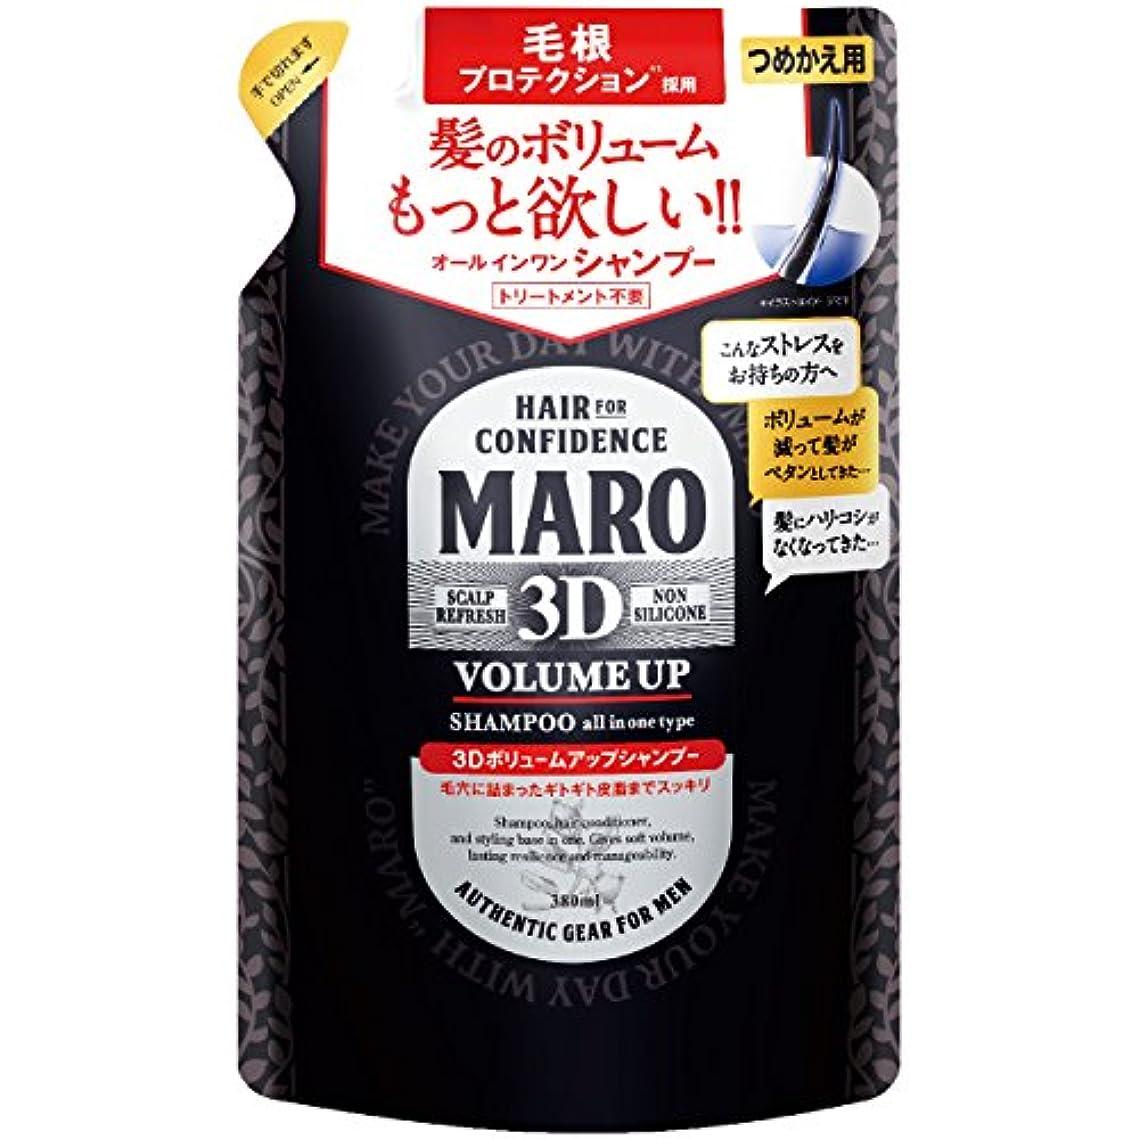 横に華氏花瓶MARO 3Dボリュームアップ シャンプー EX 詰め替え 380ml